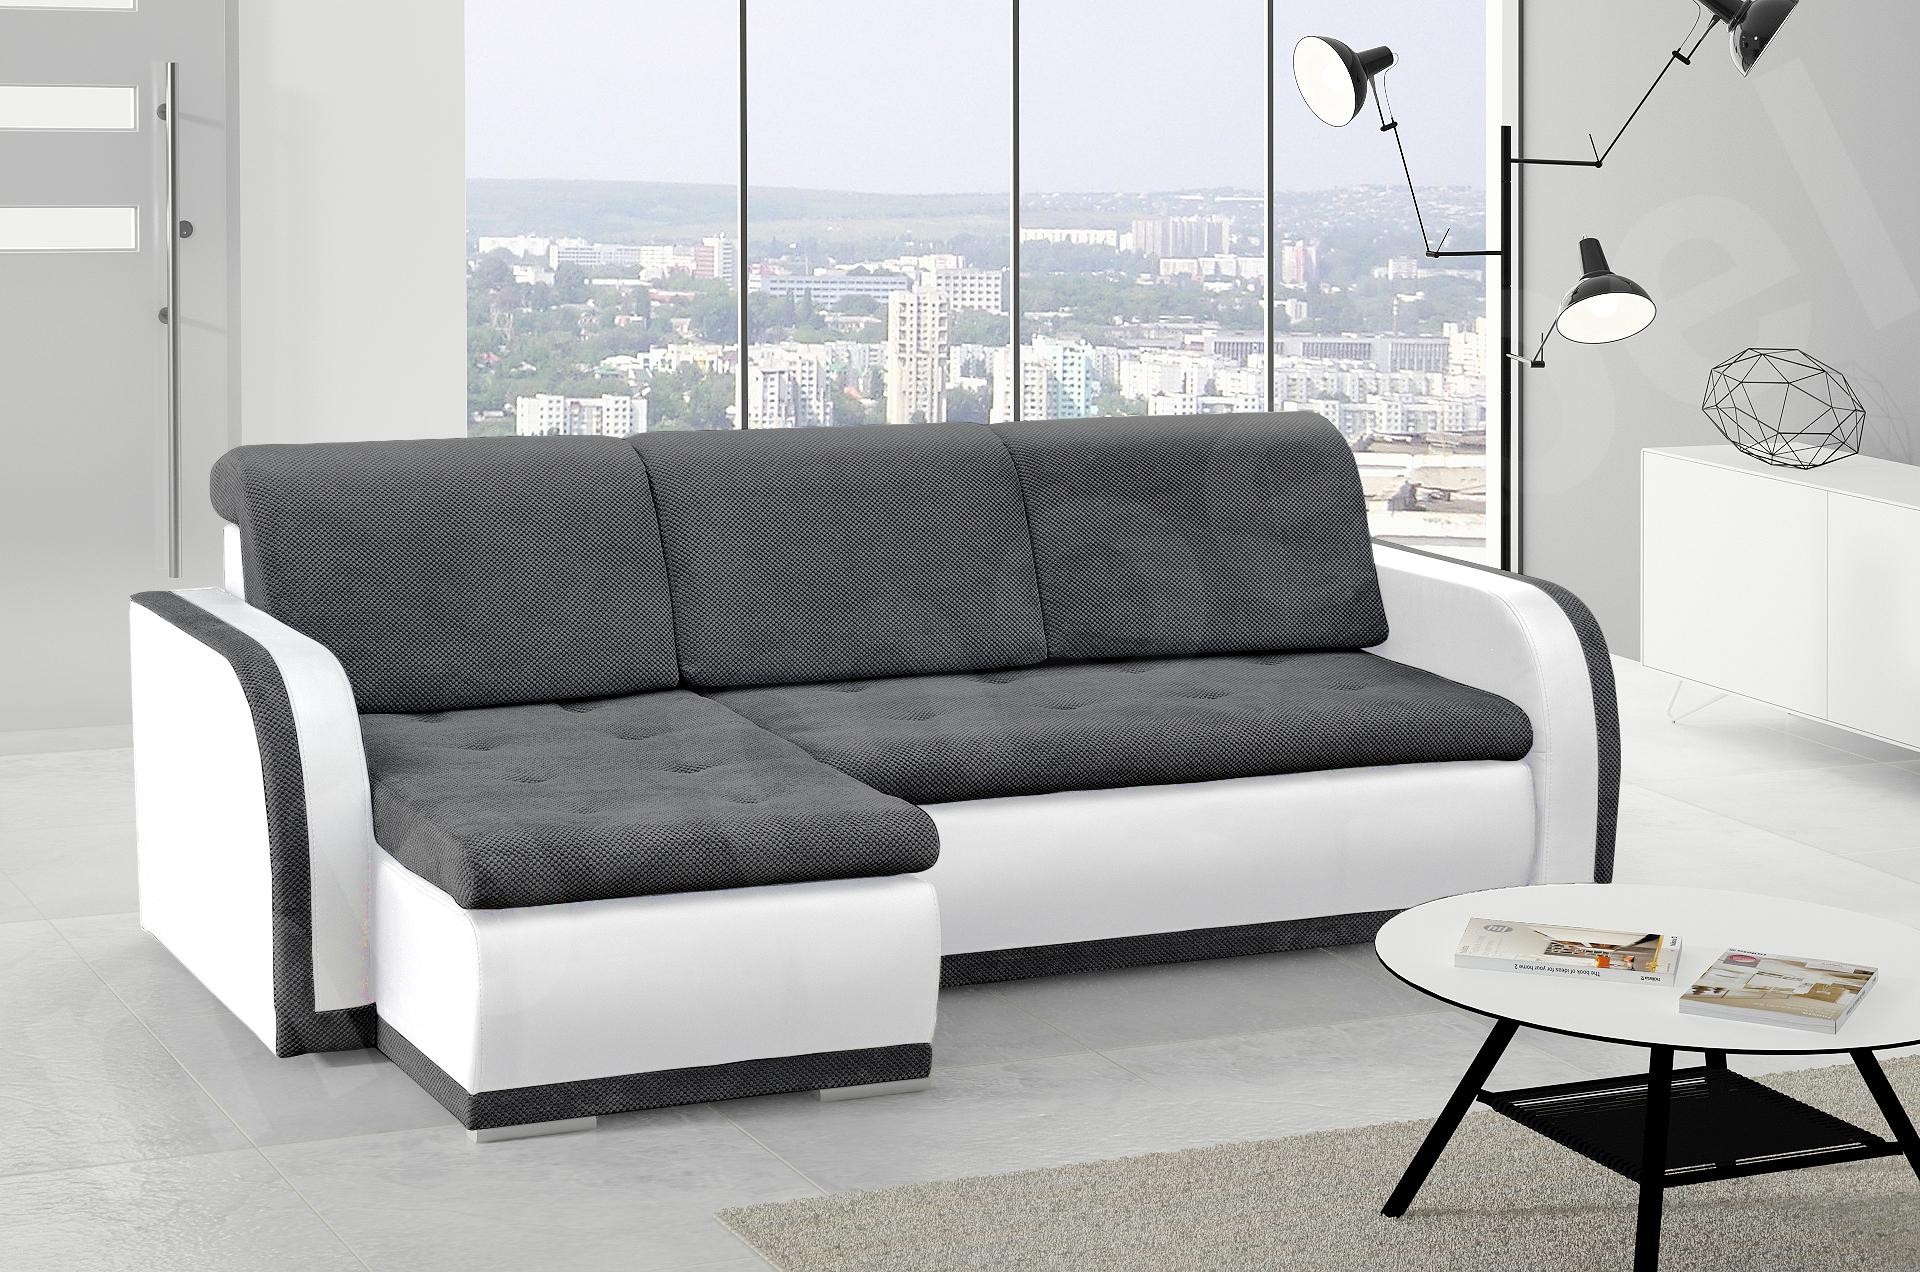 kleine ecksofa mit schlaffunktion polstergarnitur. Black Bedroom Furniture Sets. Home Design Ideas